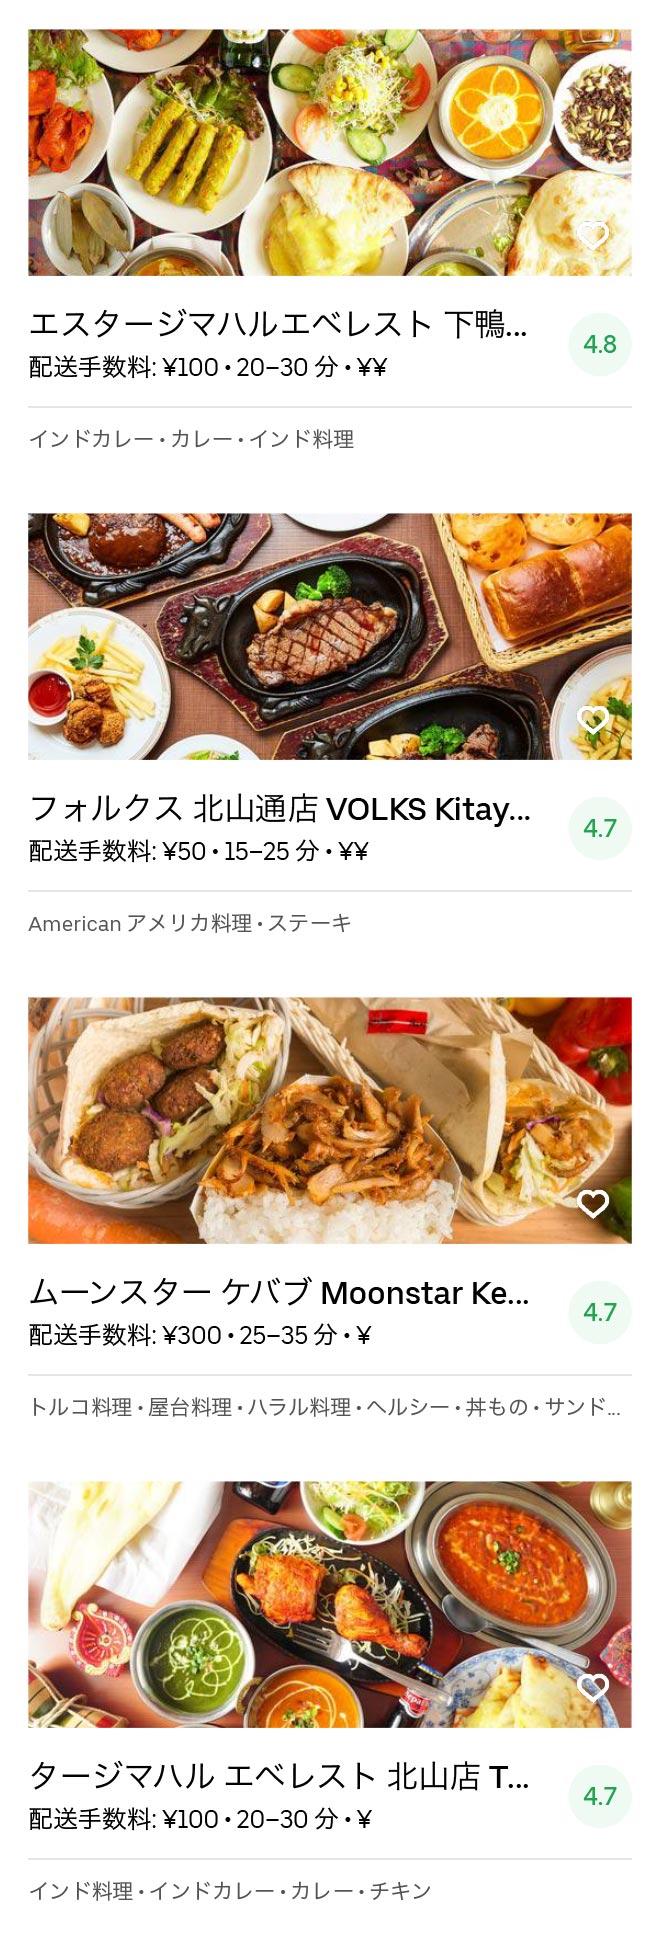 Kyoto kitaoji menu 2005 05